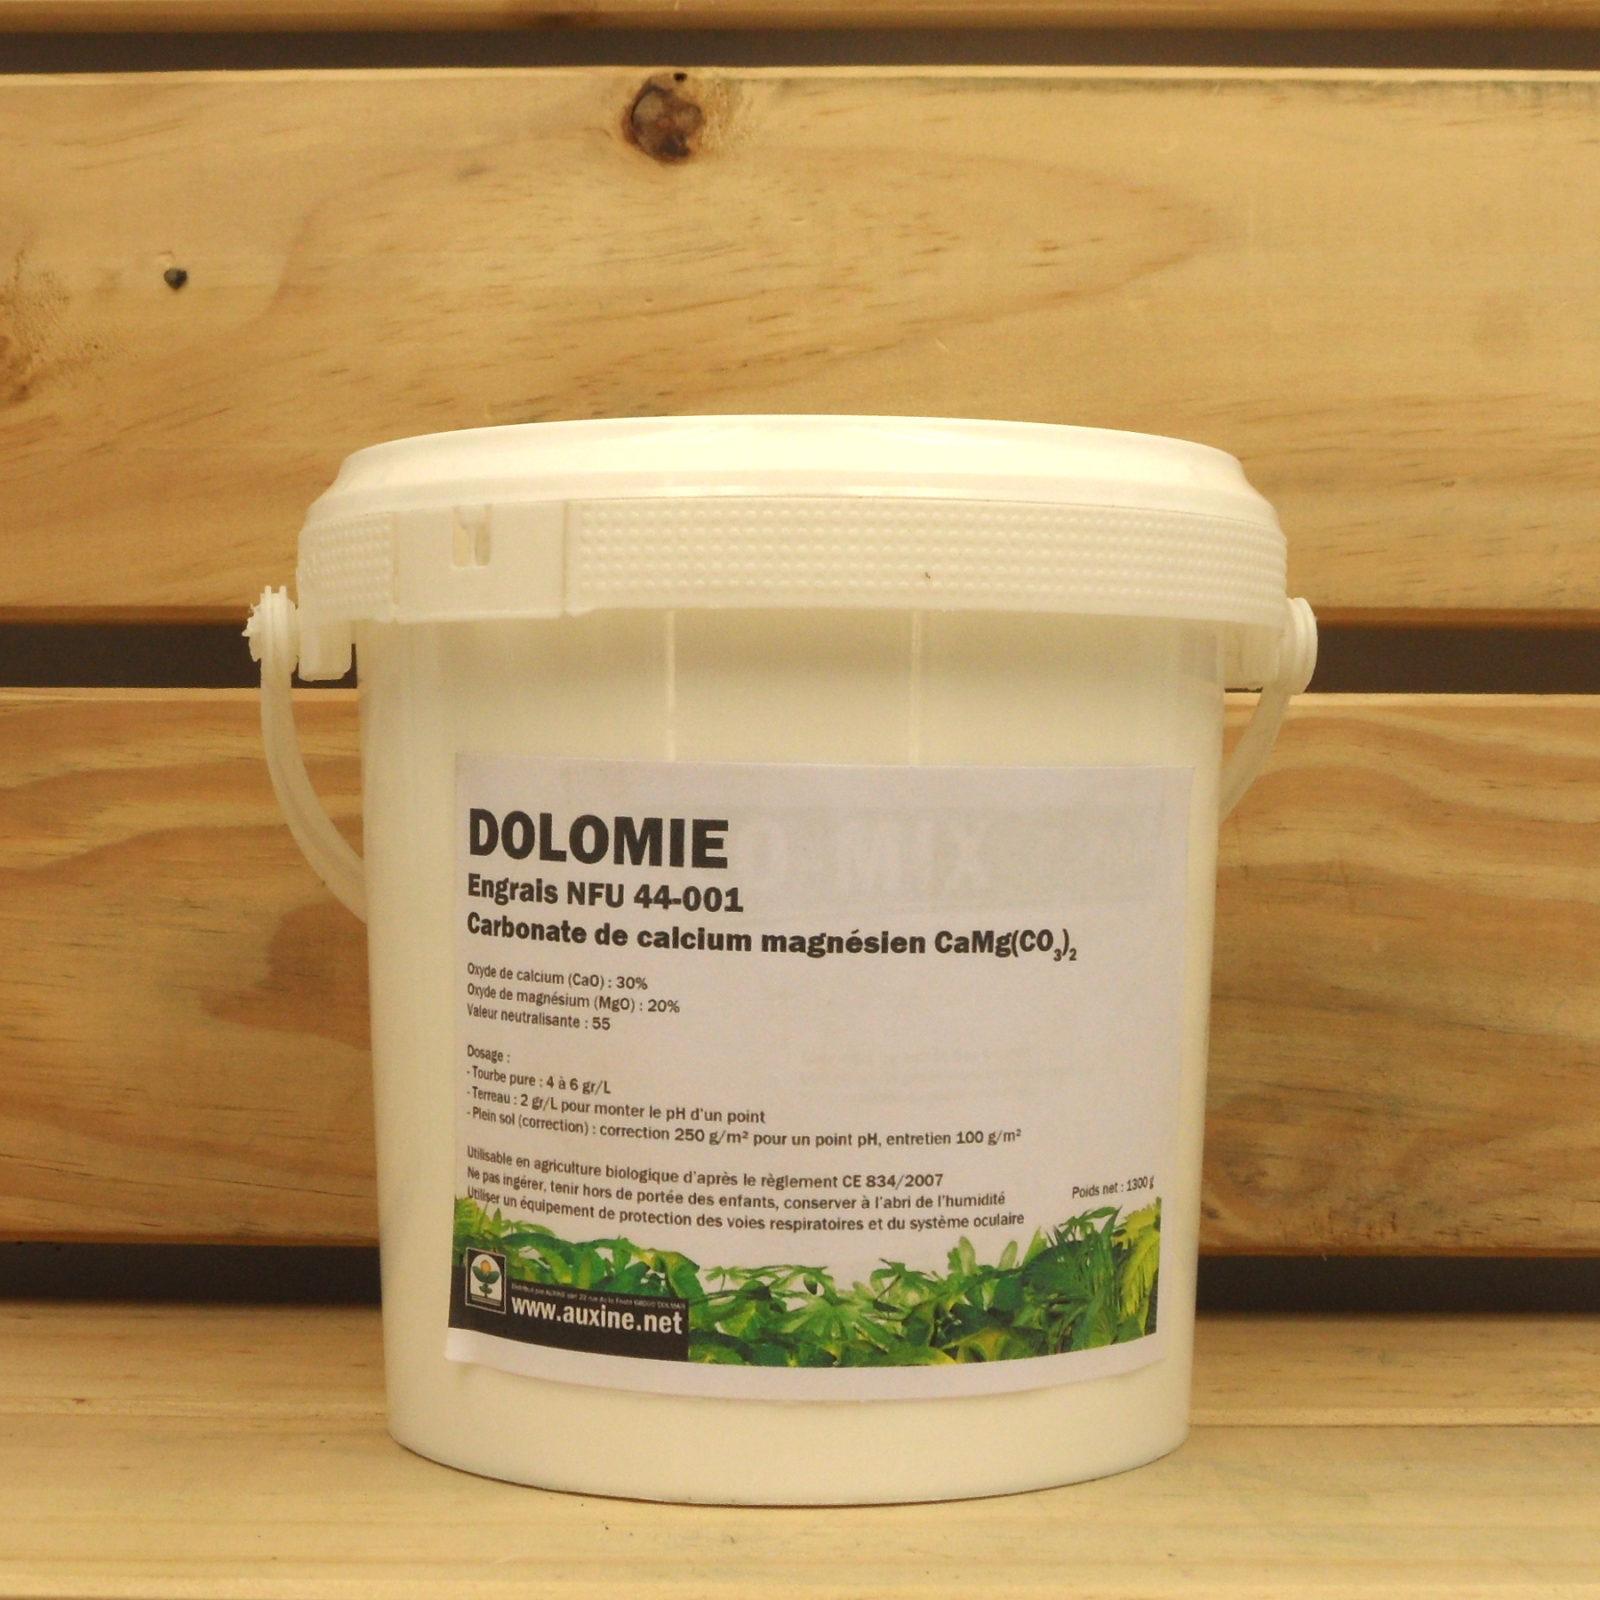 engrais organique auxine dolomie 1300g boutique auxine jardinerie alternative. Black Bedroom Furniture Sets. Home Design Ideas